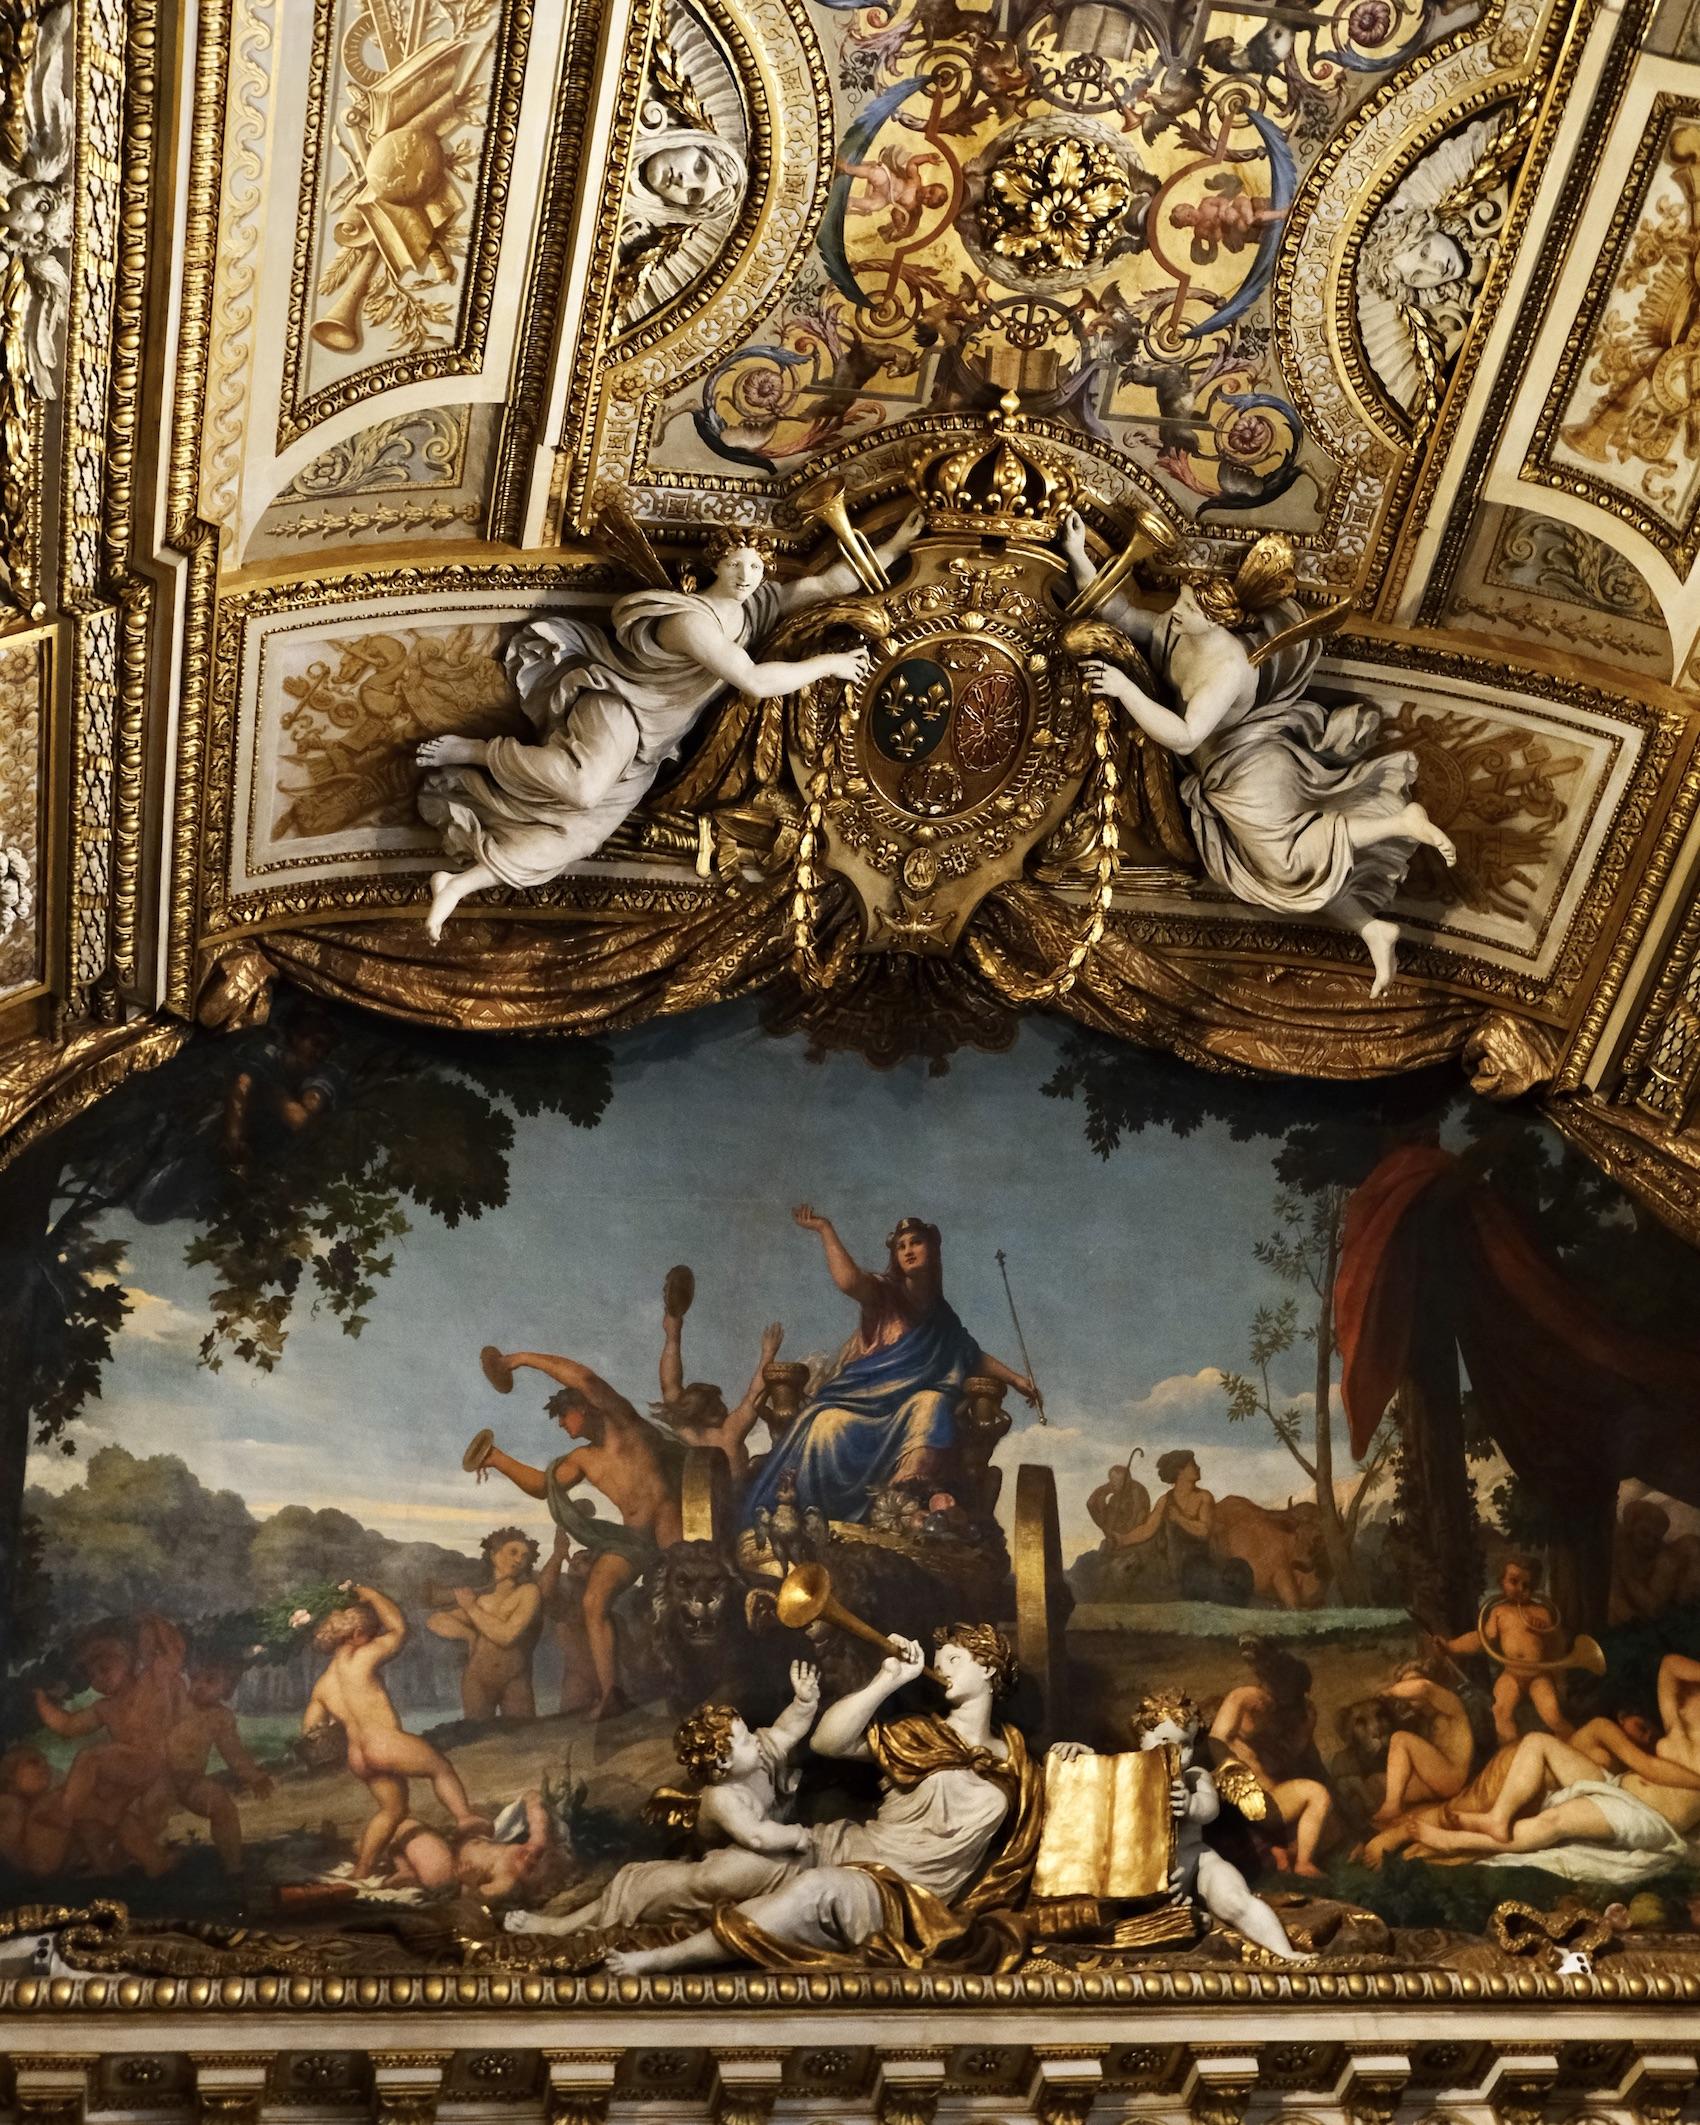 Galerie d'Apollon ceiling detail